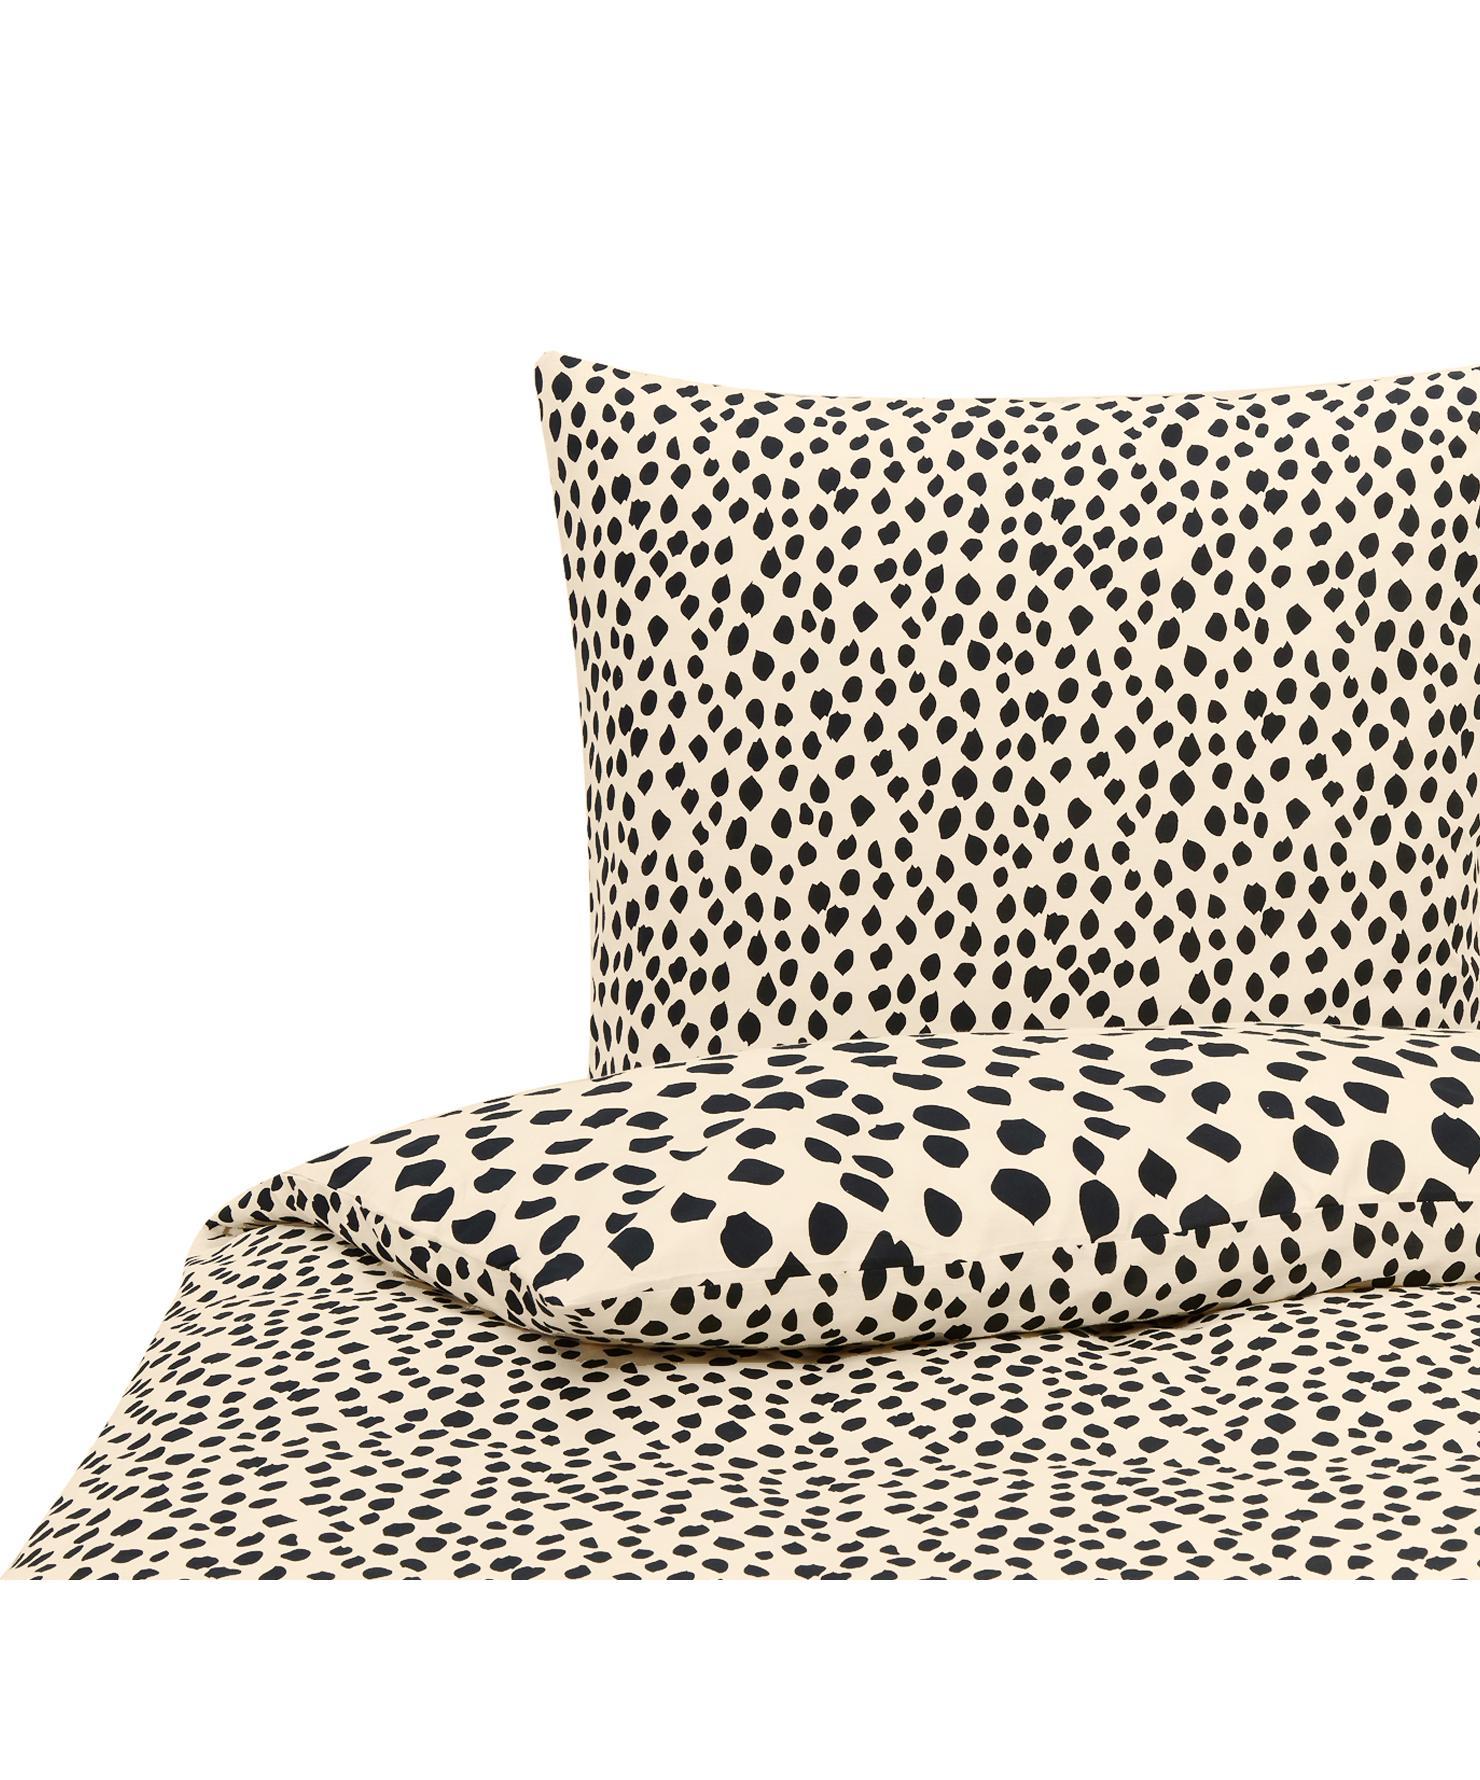 Baumwoll-Bettwäsche Go Wild mit Leoparden-Muster, 100% Baumwolle Bettwäsche aus Baumwolle fühlt sich auf der Haut angenehm weich an, nimmt Feuchtigkeit gut auf und eignet sich für Allergiker., Beige,Schwarz, 155 x 220 cm + 1 Kissen 80 x 80 cm